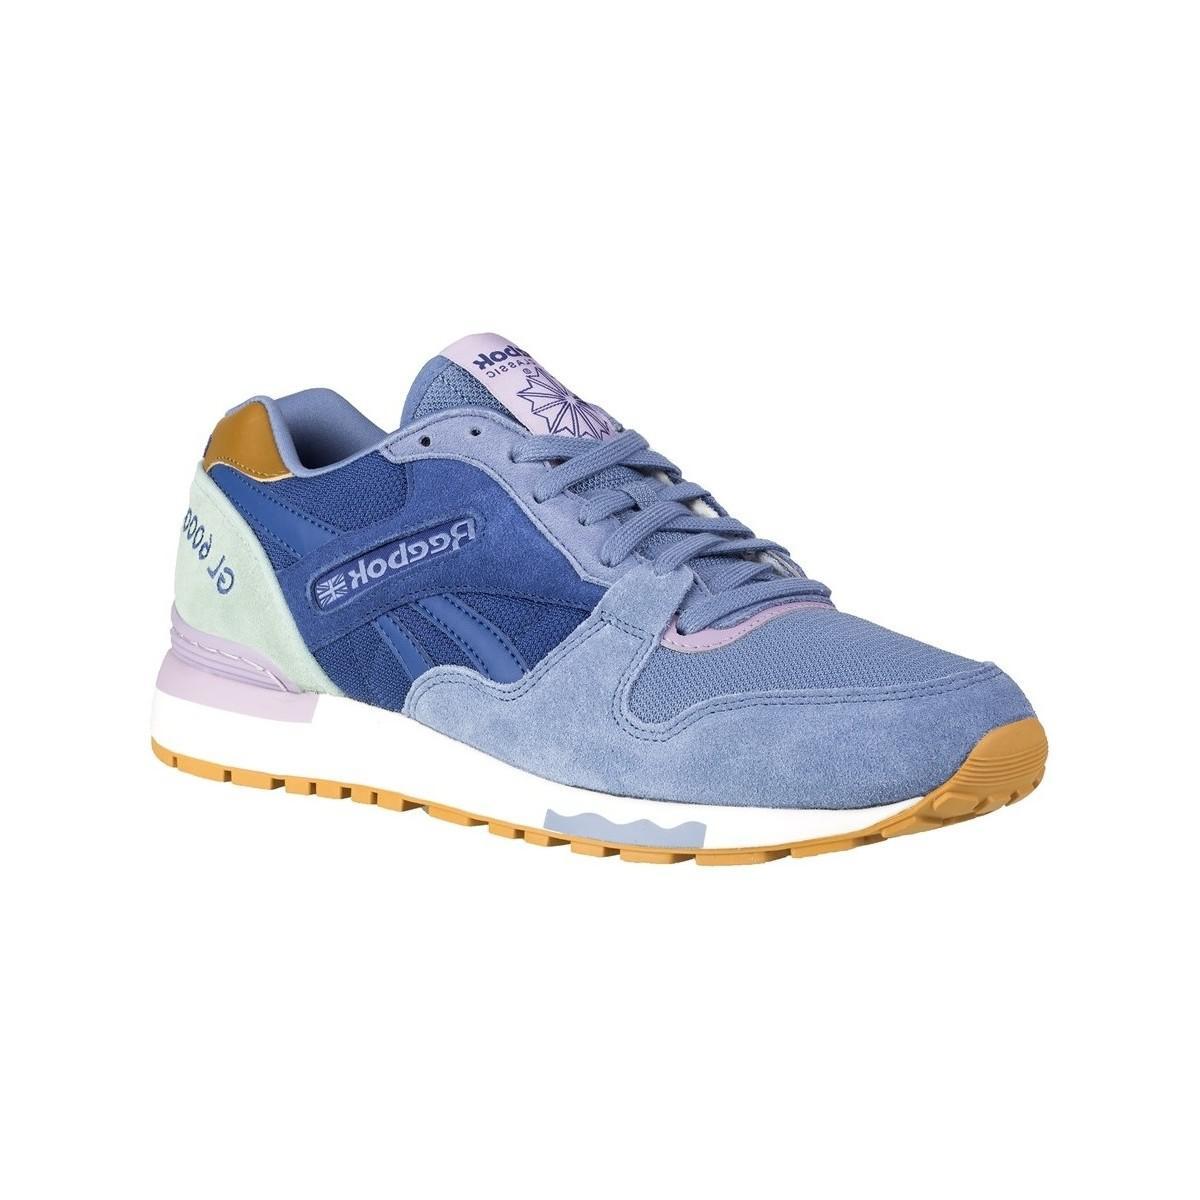 11589076cf5 Reebok Gl 6000 Fleur Women s Shoes (trainers) In Multicolour in Blue ...